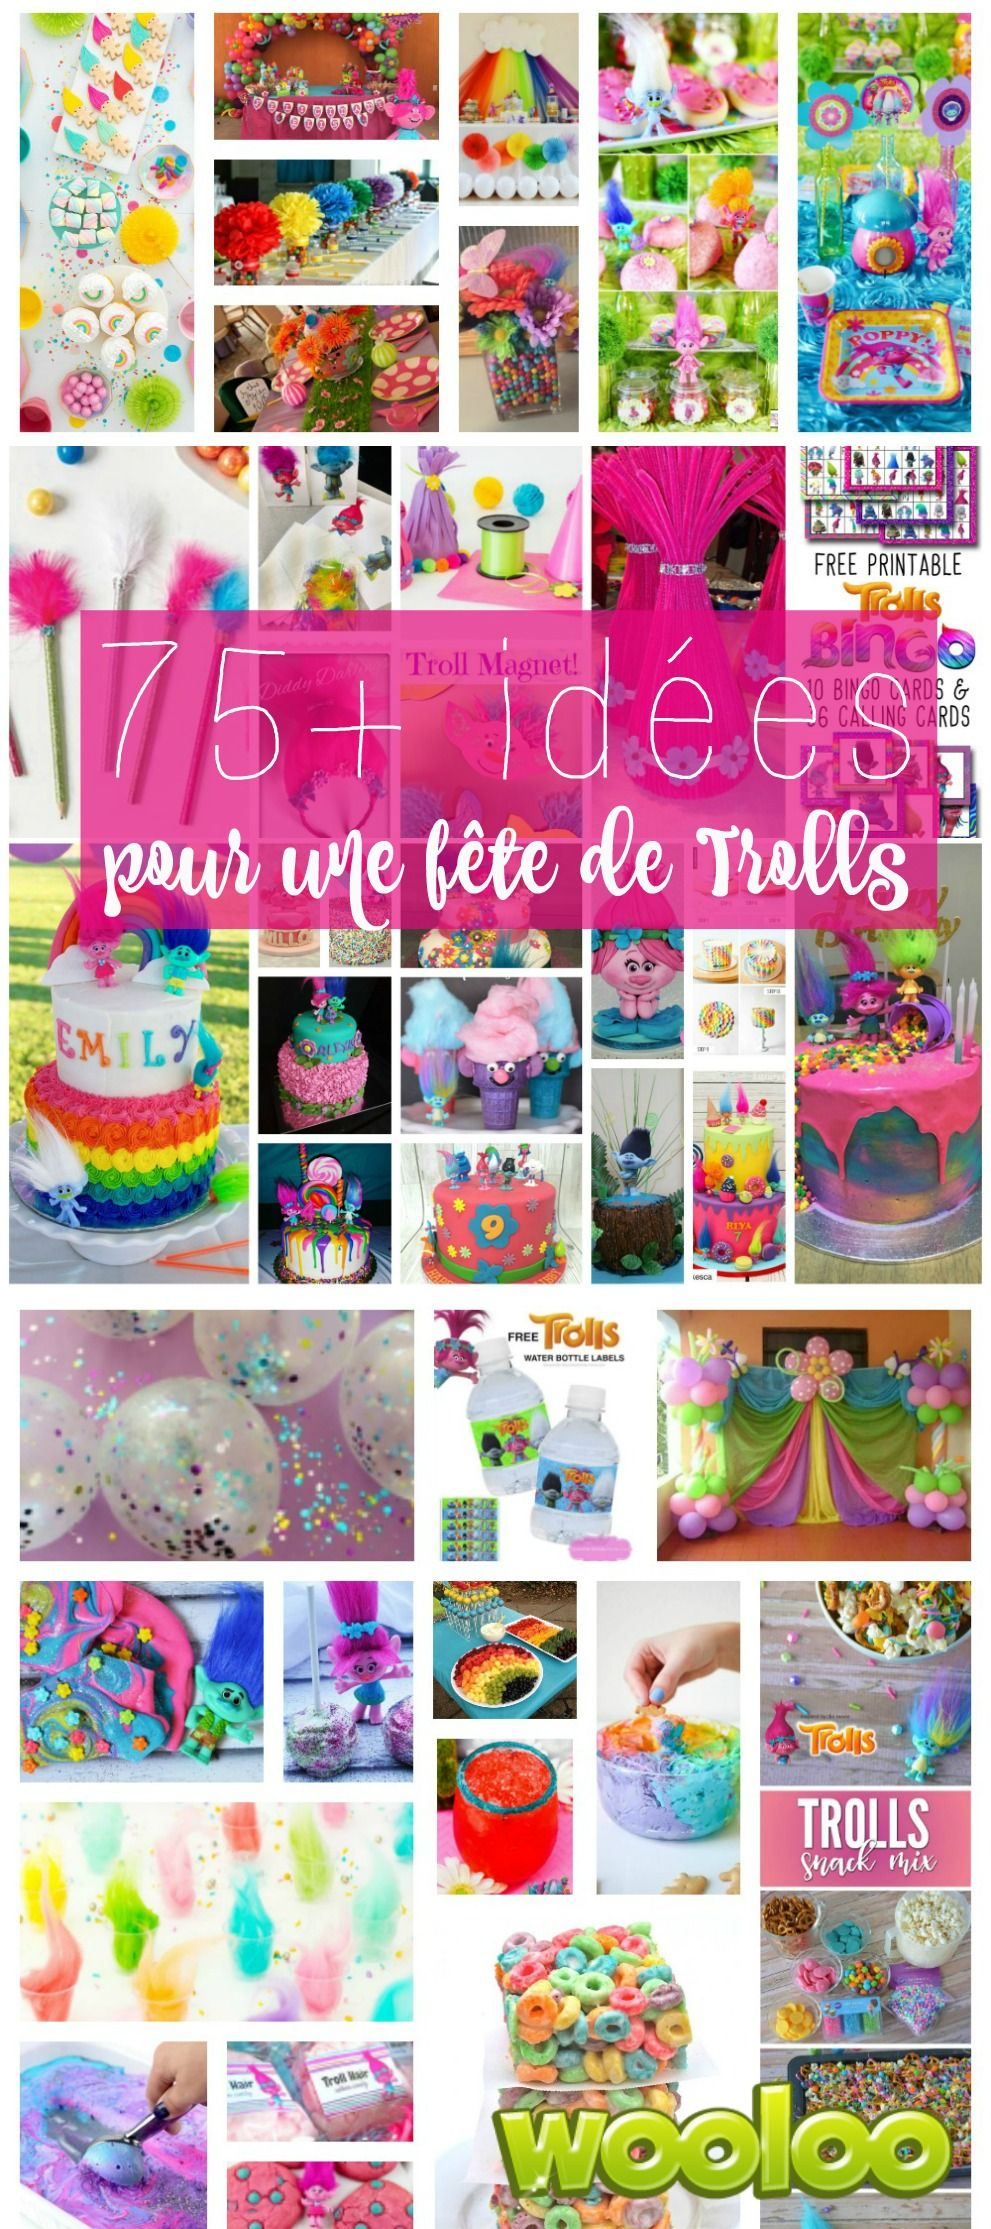 abbastanza Idées pour organiser une fête de Trolls | Trolls birthday party  PO22